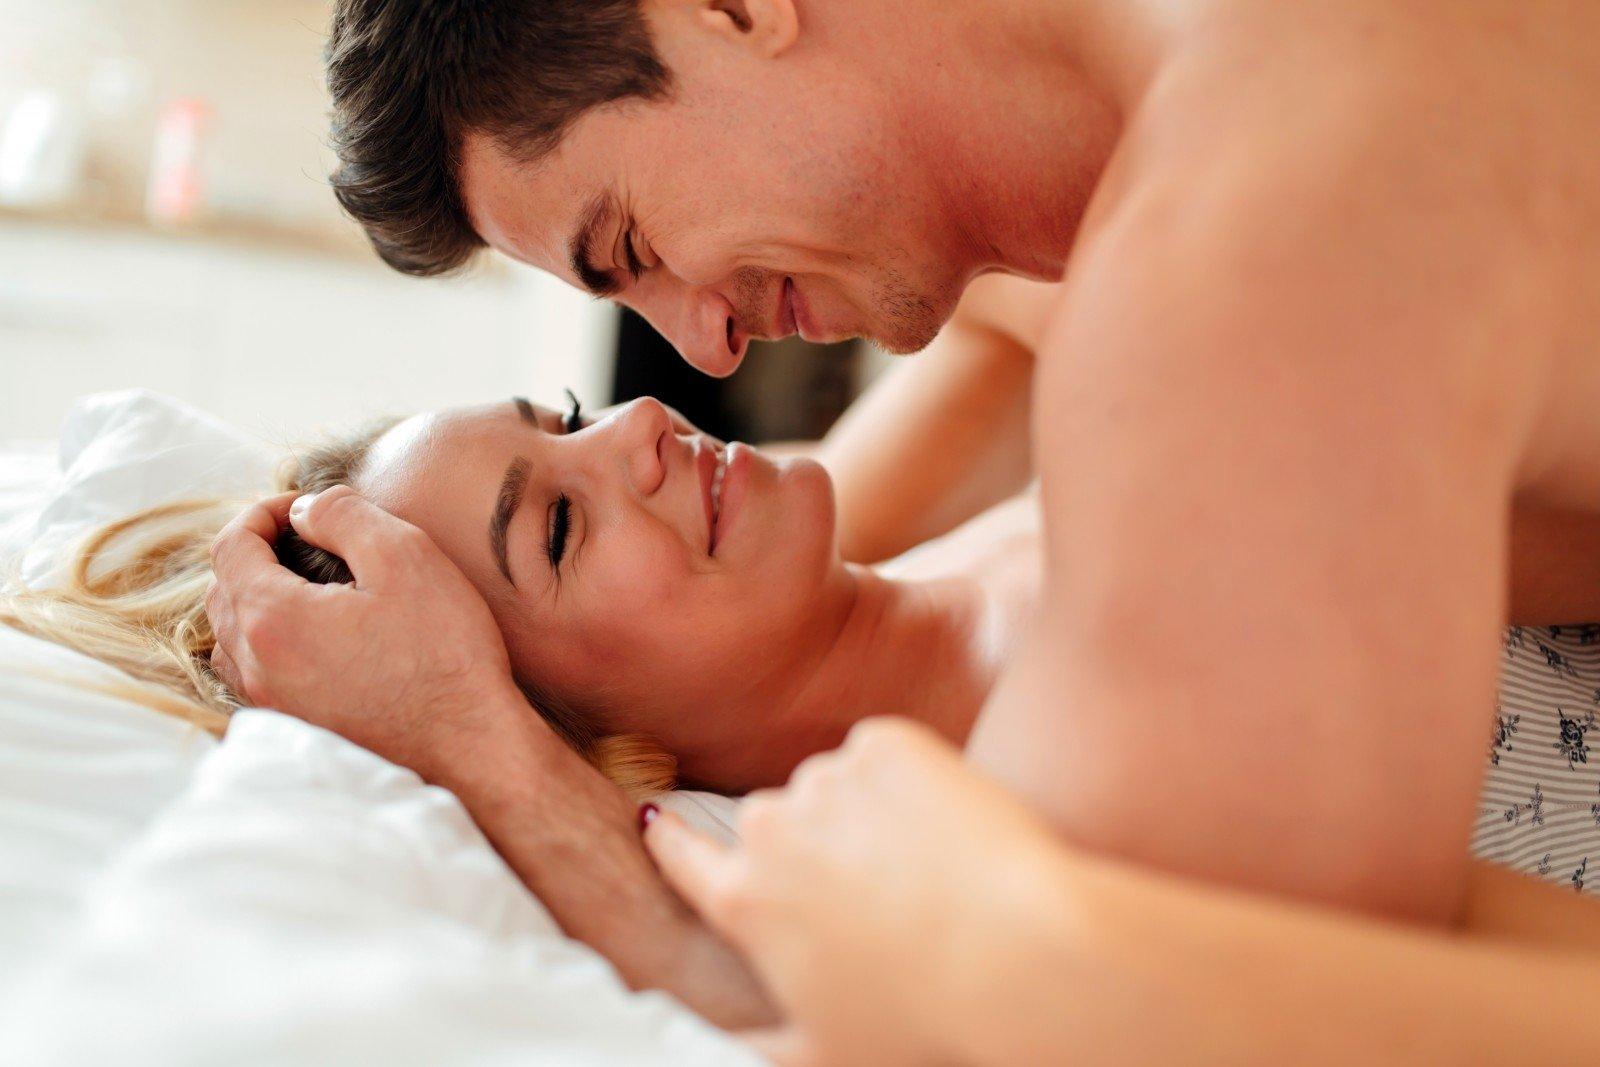 Смотреть классический нежный секс, нежный секс. Смотрите бесплатное нежное порно 15 фотография